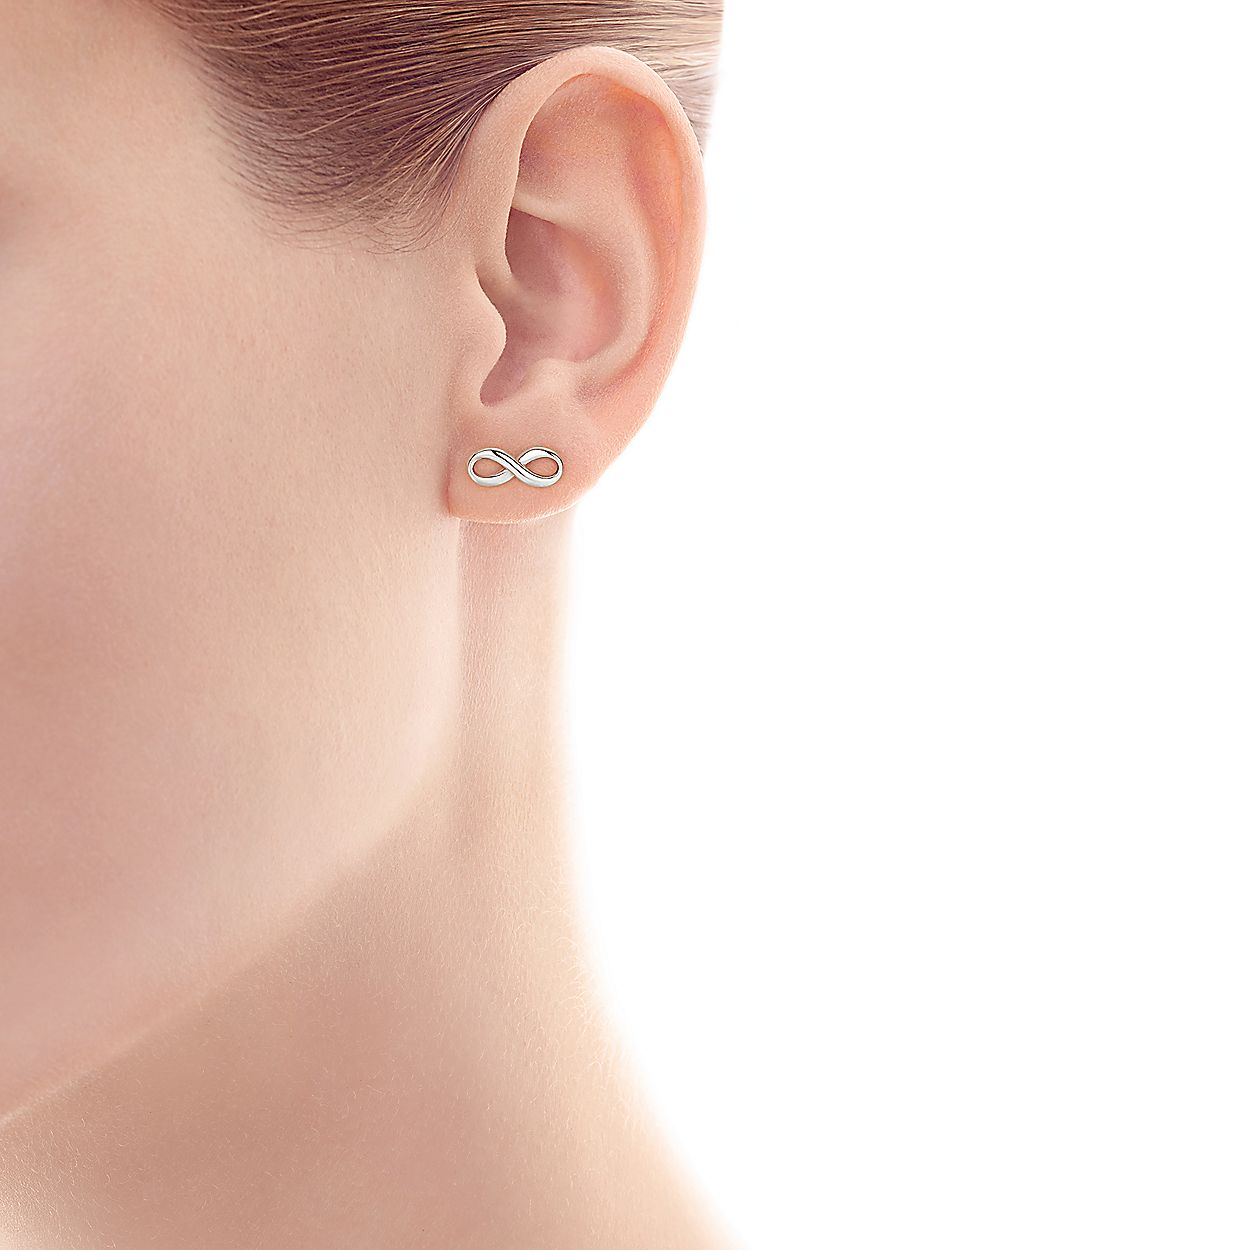 f345560e6 Tiffany Infinity earrings in sterling silver, mini. | Tiffany & Co.